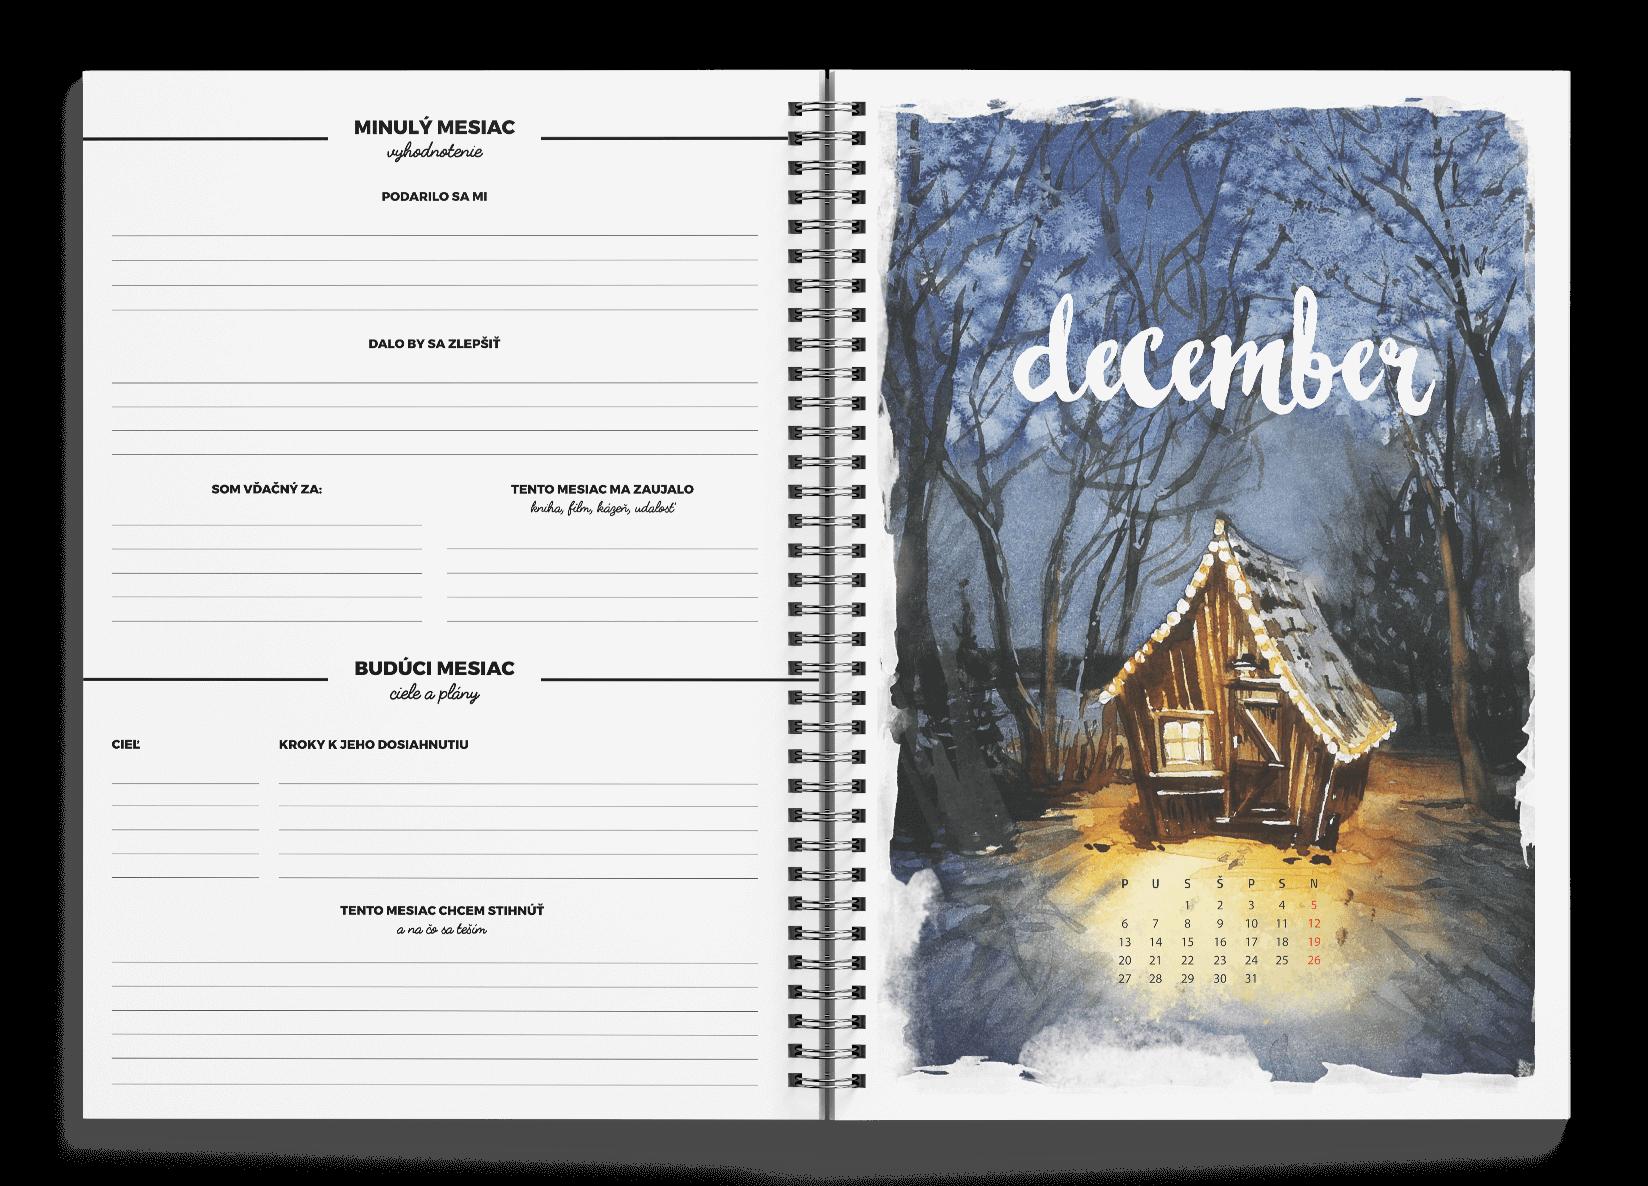 Kresťanský motivačný diár. Vyhodnotenie mesiaca. Plánovanie mesiaca. Ciele a plány. Advent.